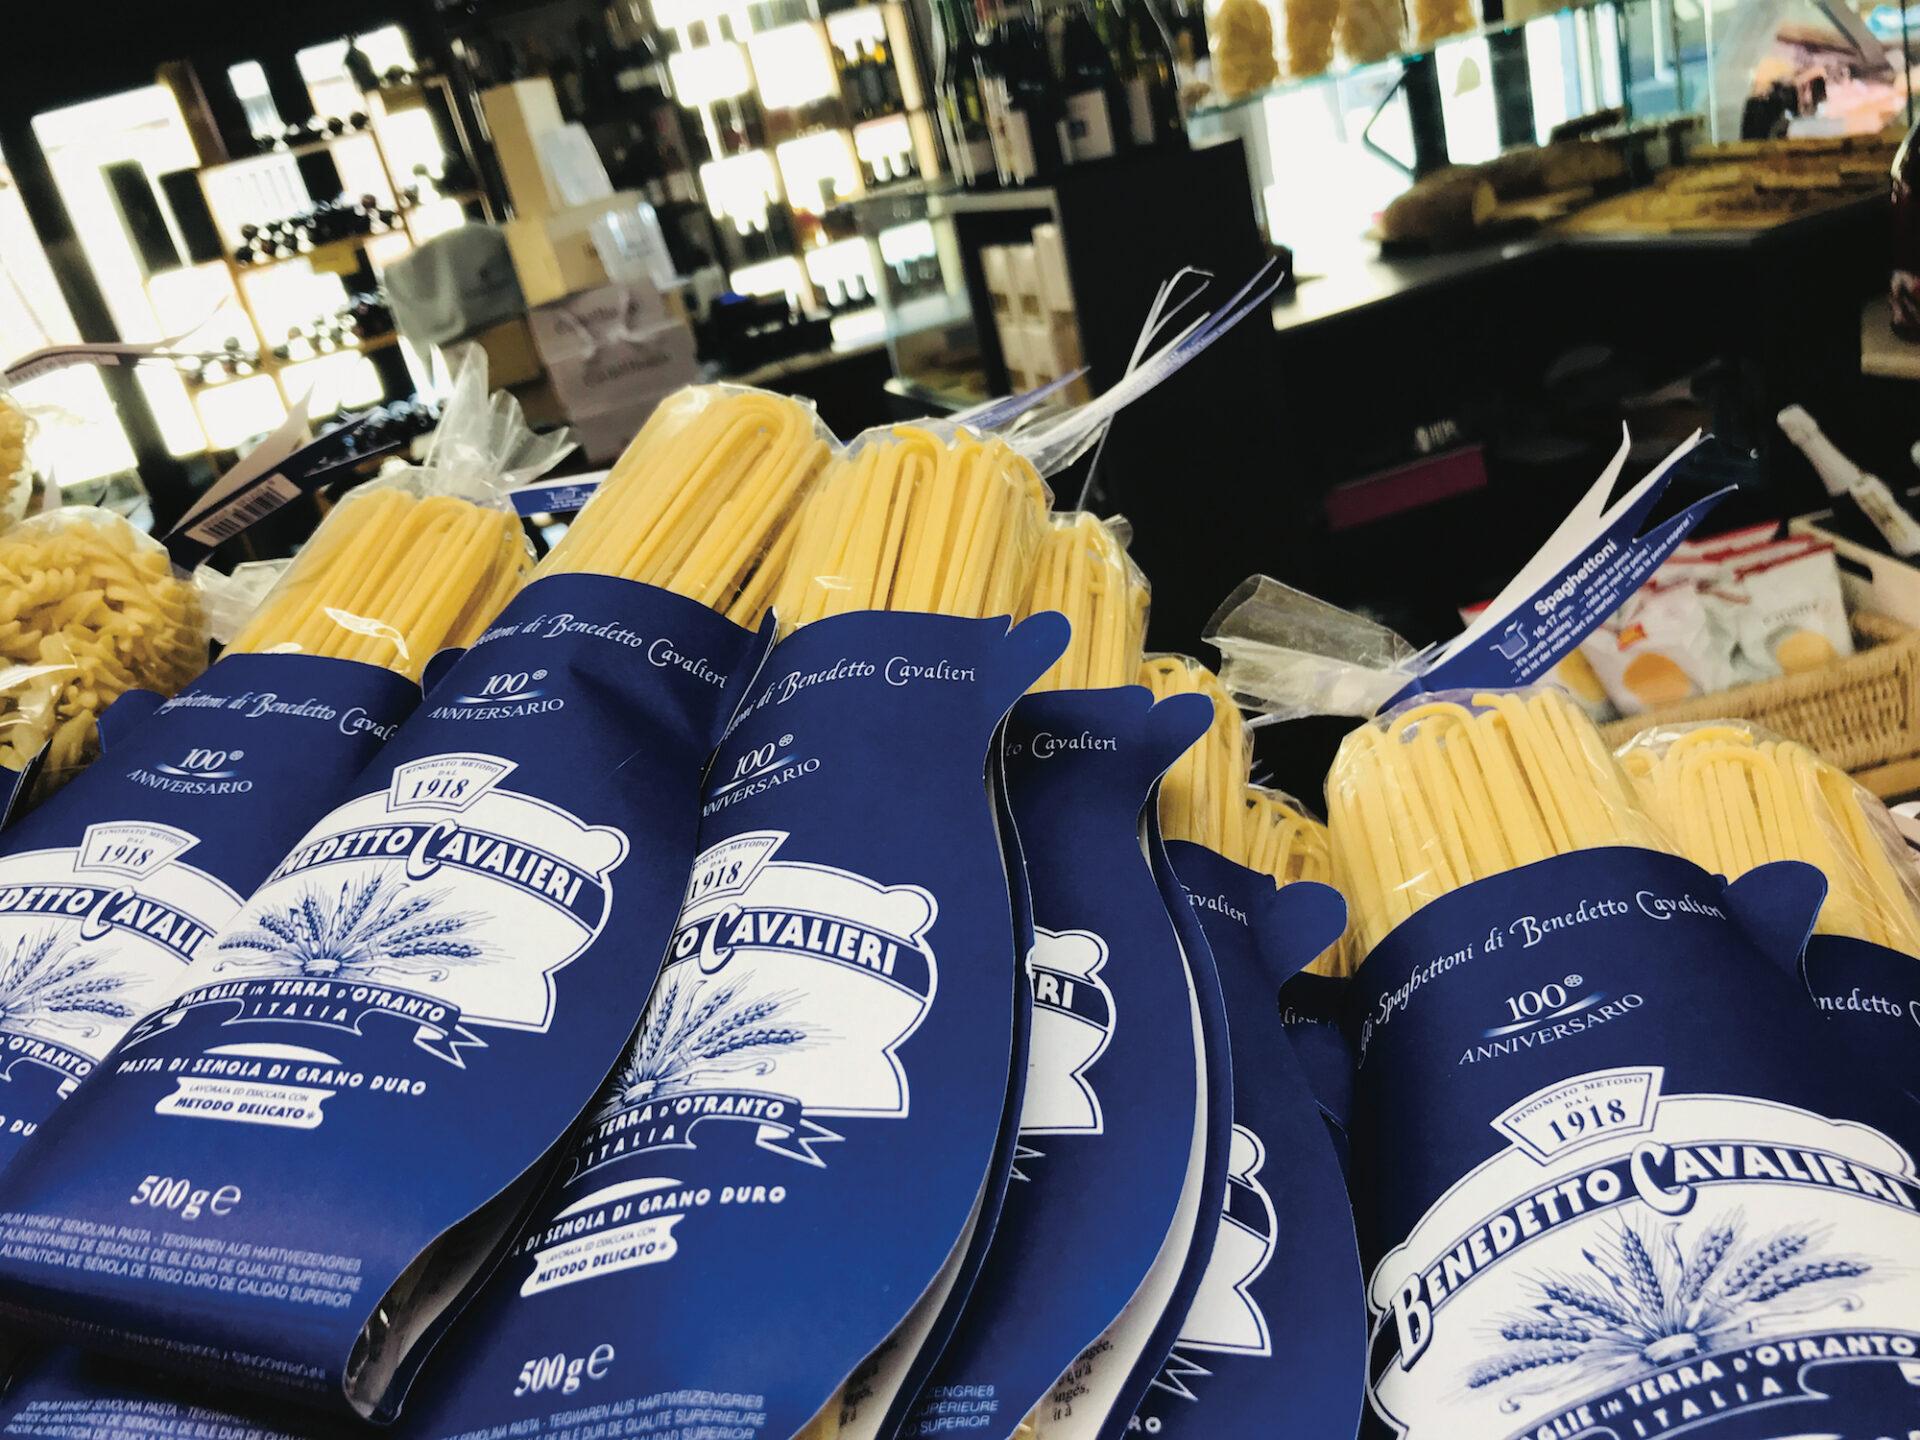 Migliori prodotti italiani: Pastificio Cavalieri tra le 100 Eccellenze Italiane per Forbes